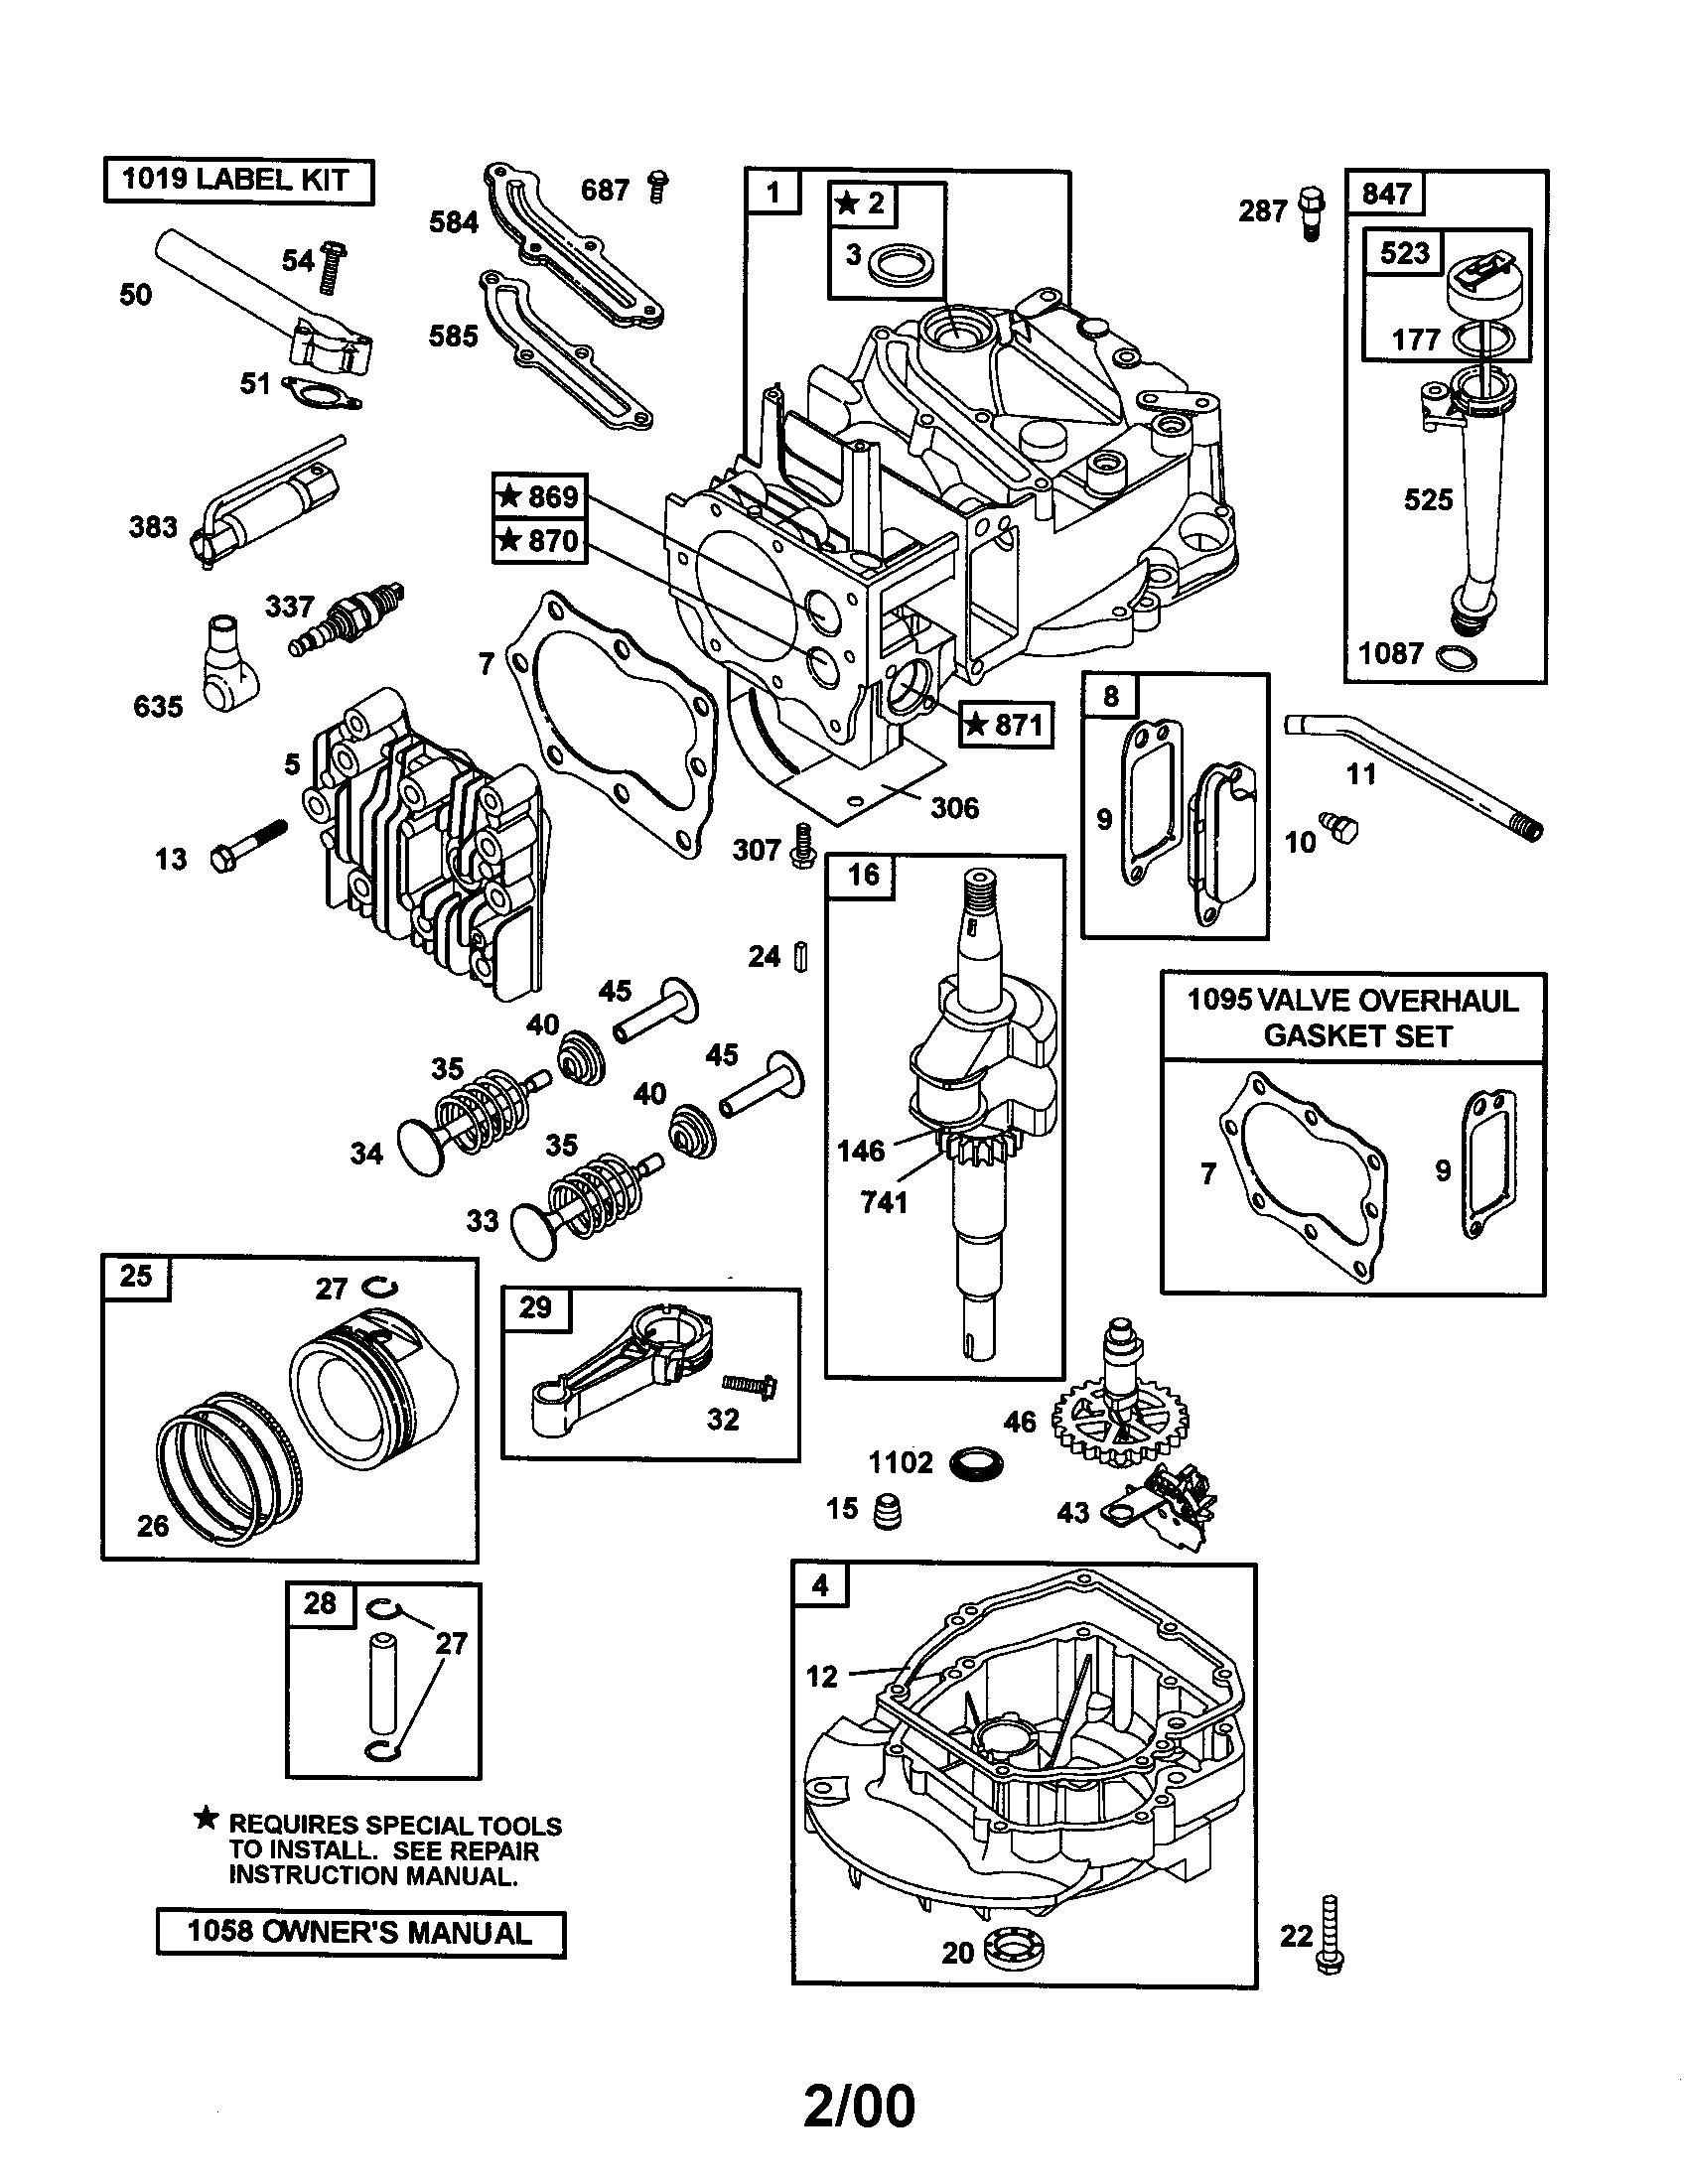 [SCHEMATICS_4UK]  E0EC Briggs And Stratton 15 5 Hp Parts Diagram   Ebook Databases   Briggs And Stratton 15 5 Hp Parts Diagram      2F370 Ebook Databases